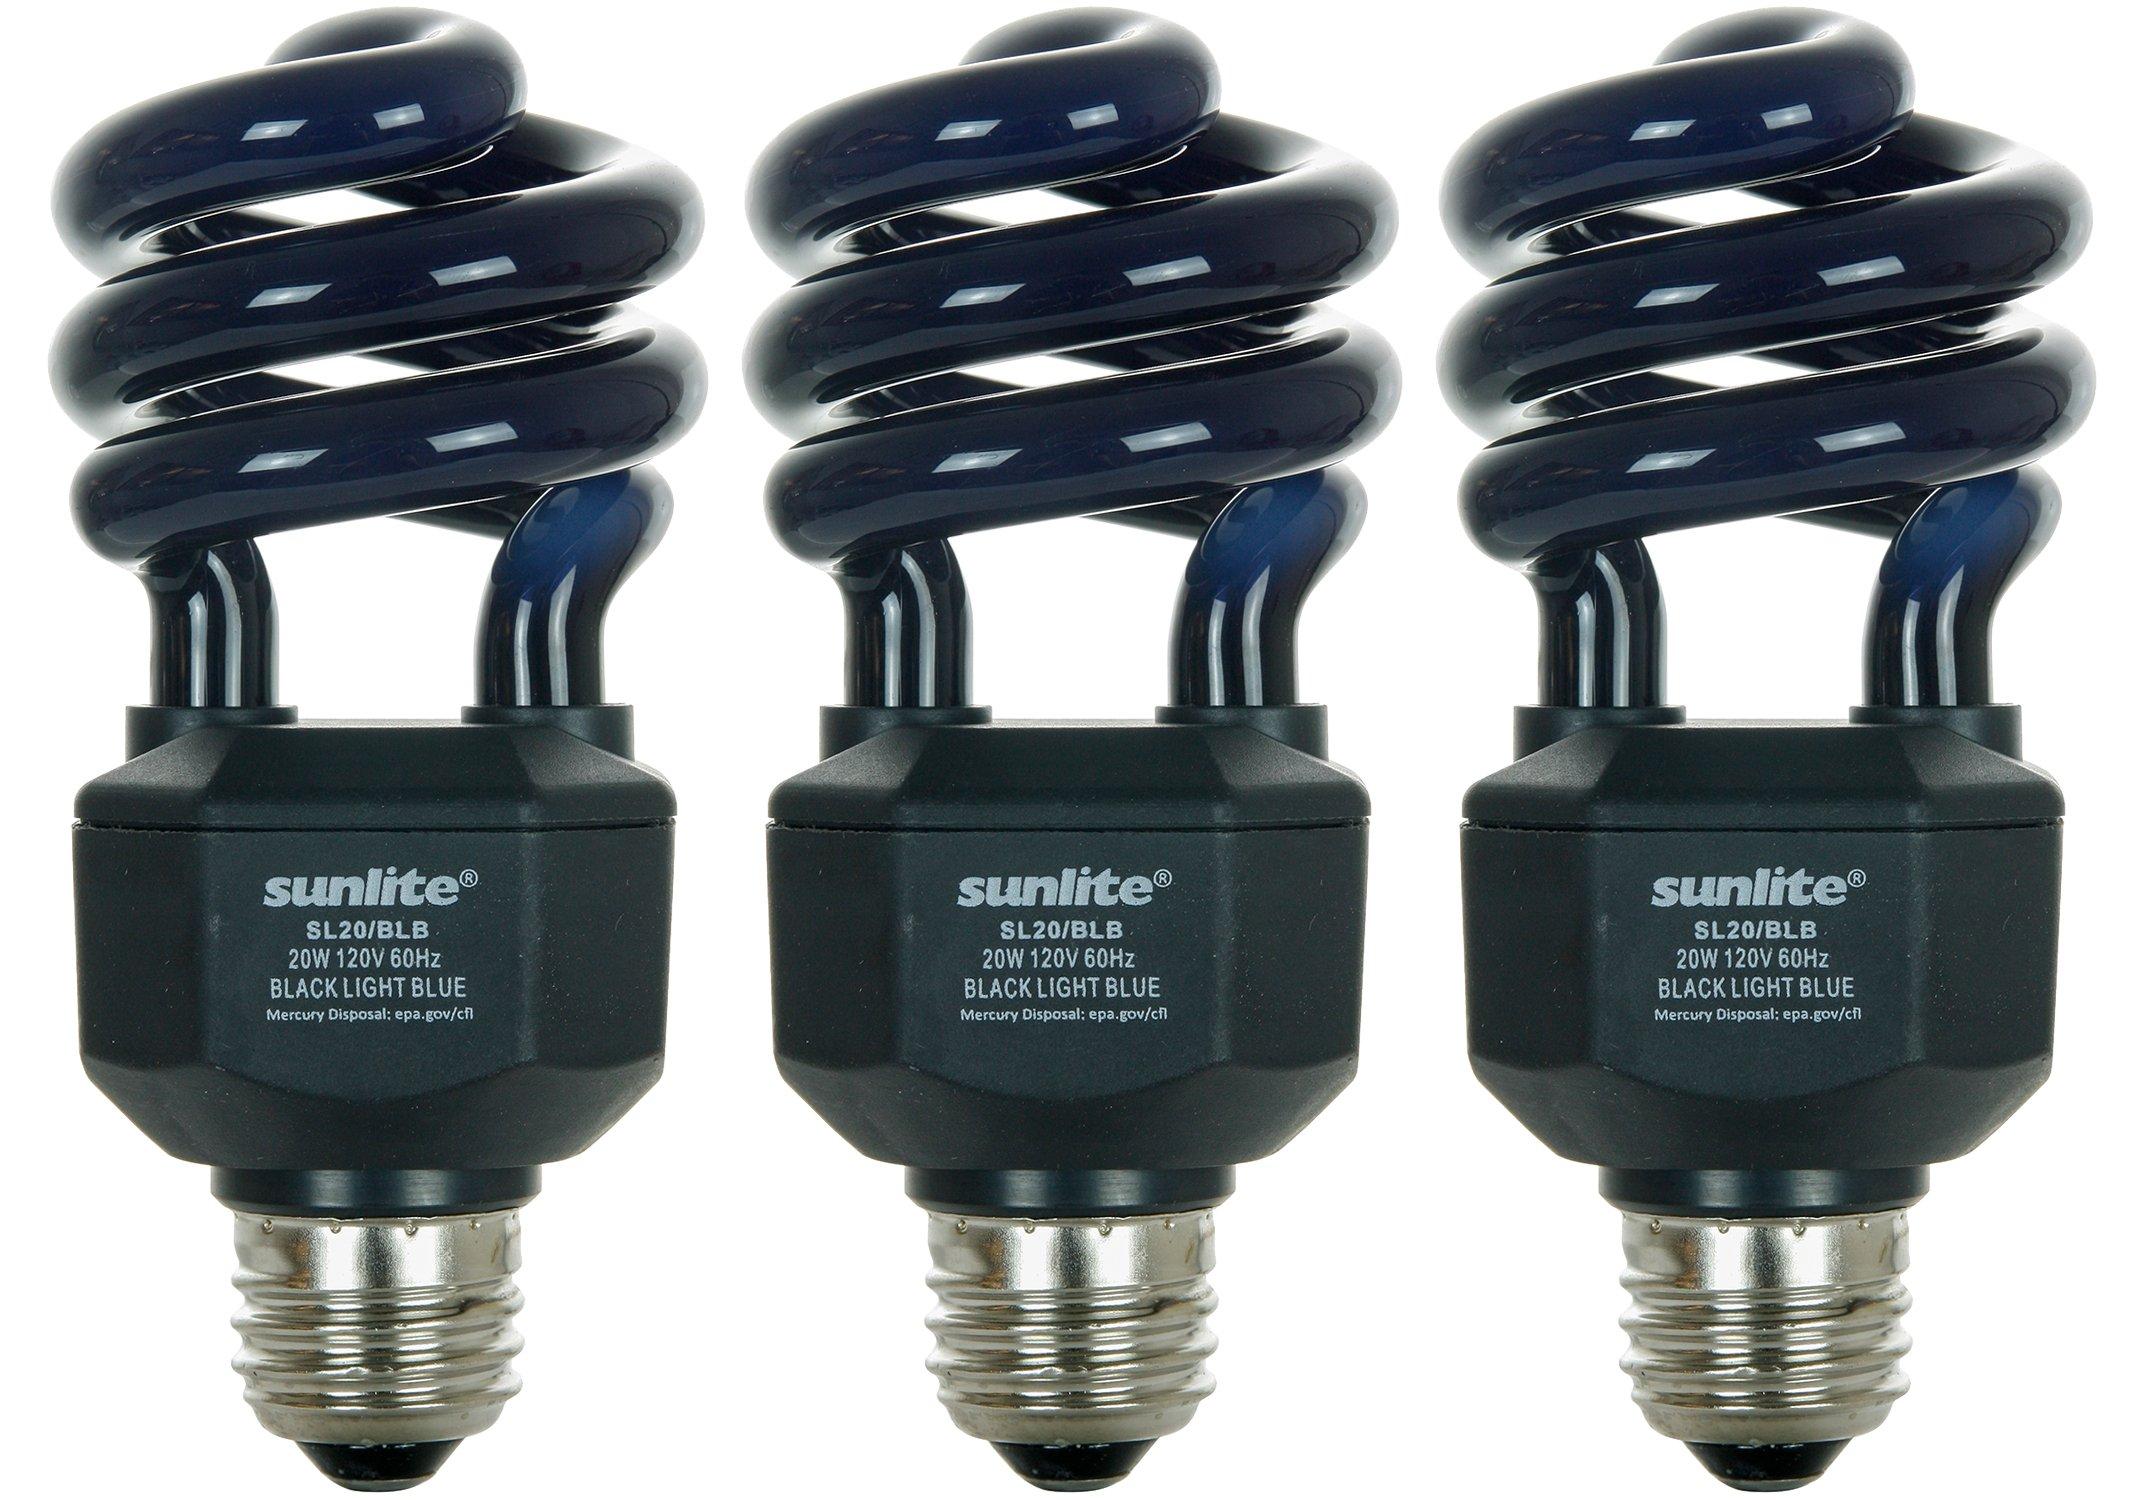 Sunlite SL20/BLB/3PK 20W Spiral Energy Saving CFL Light Bulb Medium Base (3 Pack), Blacklight Blue